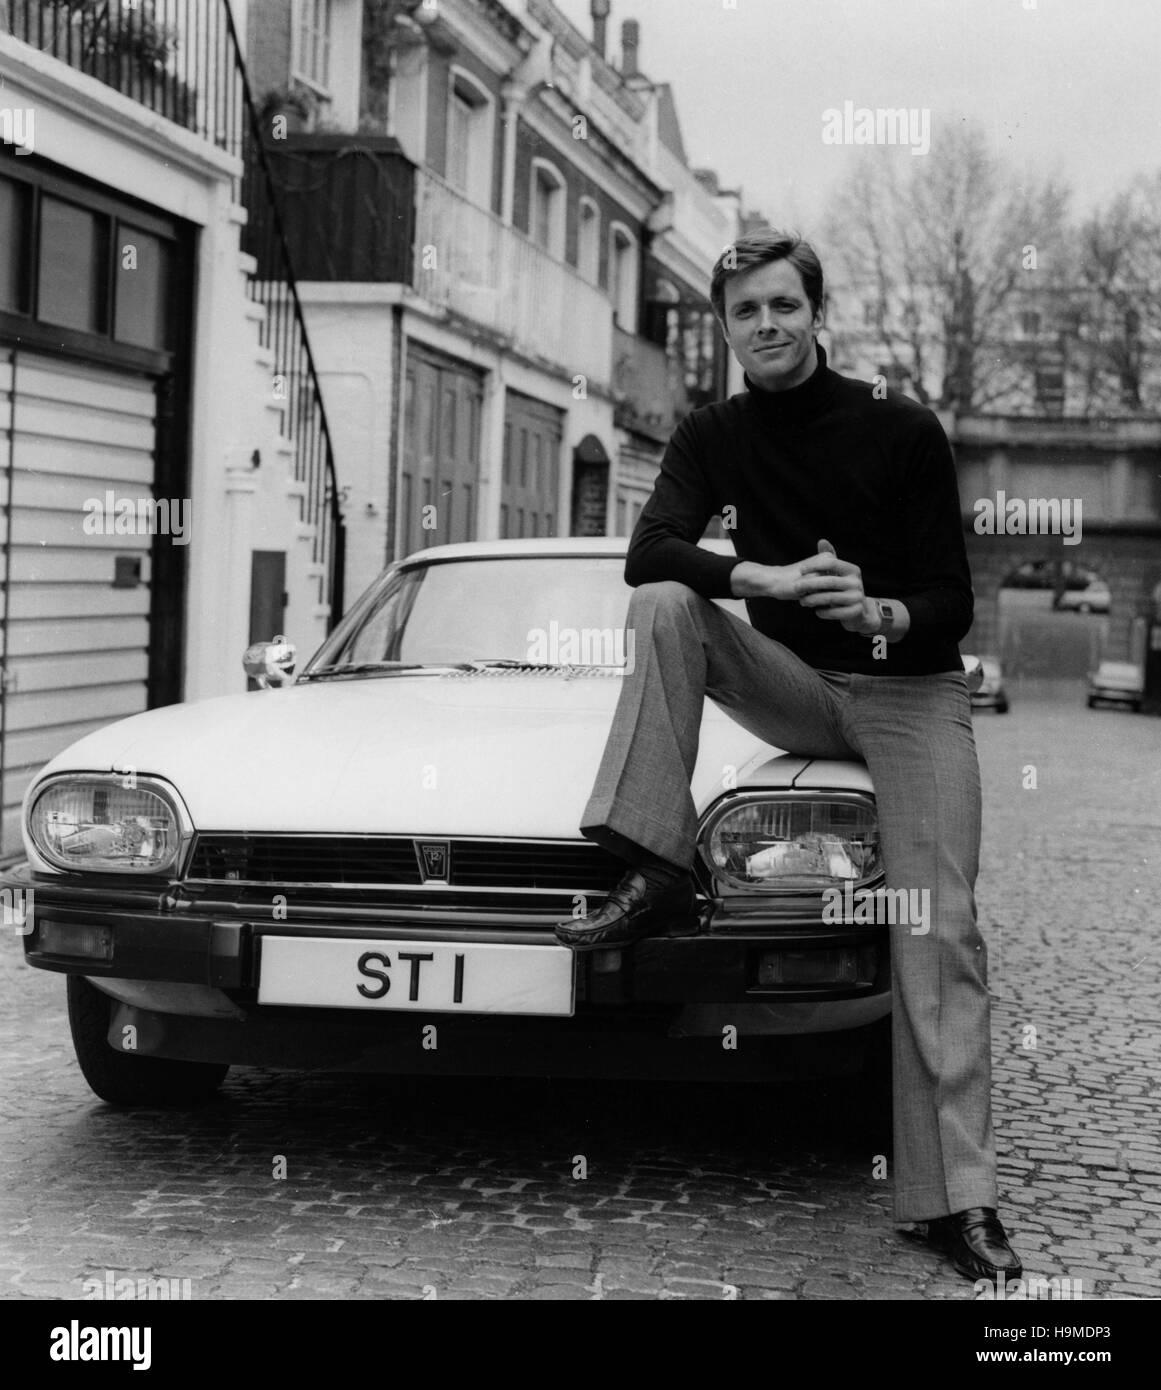 Jaguar XJS with Ian Ogilvy as The Saint tv show character 1977 - Stock Image